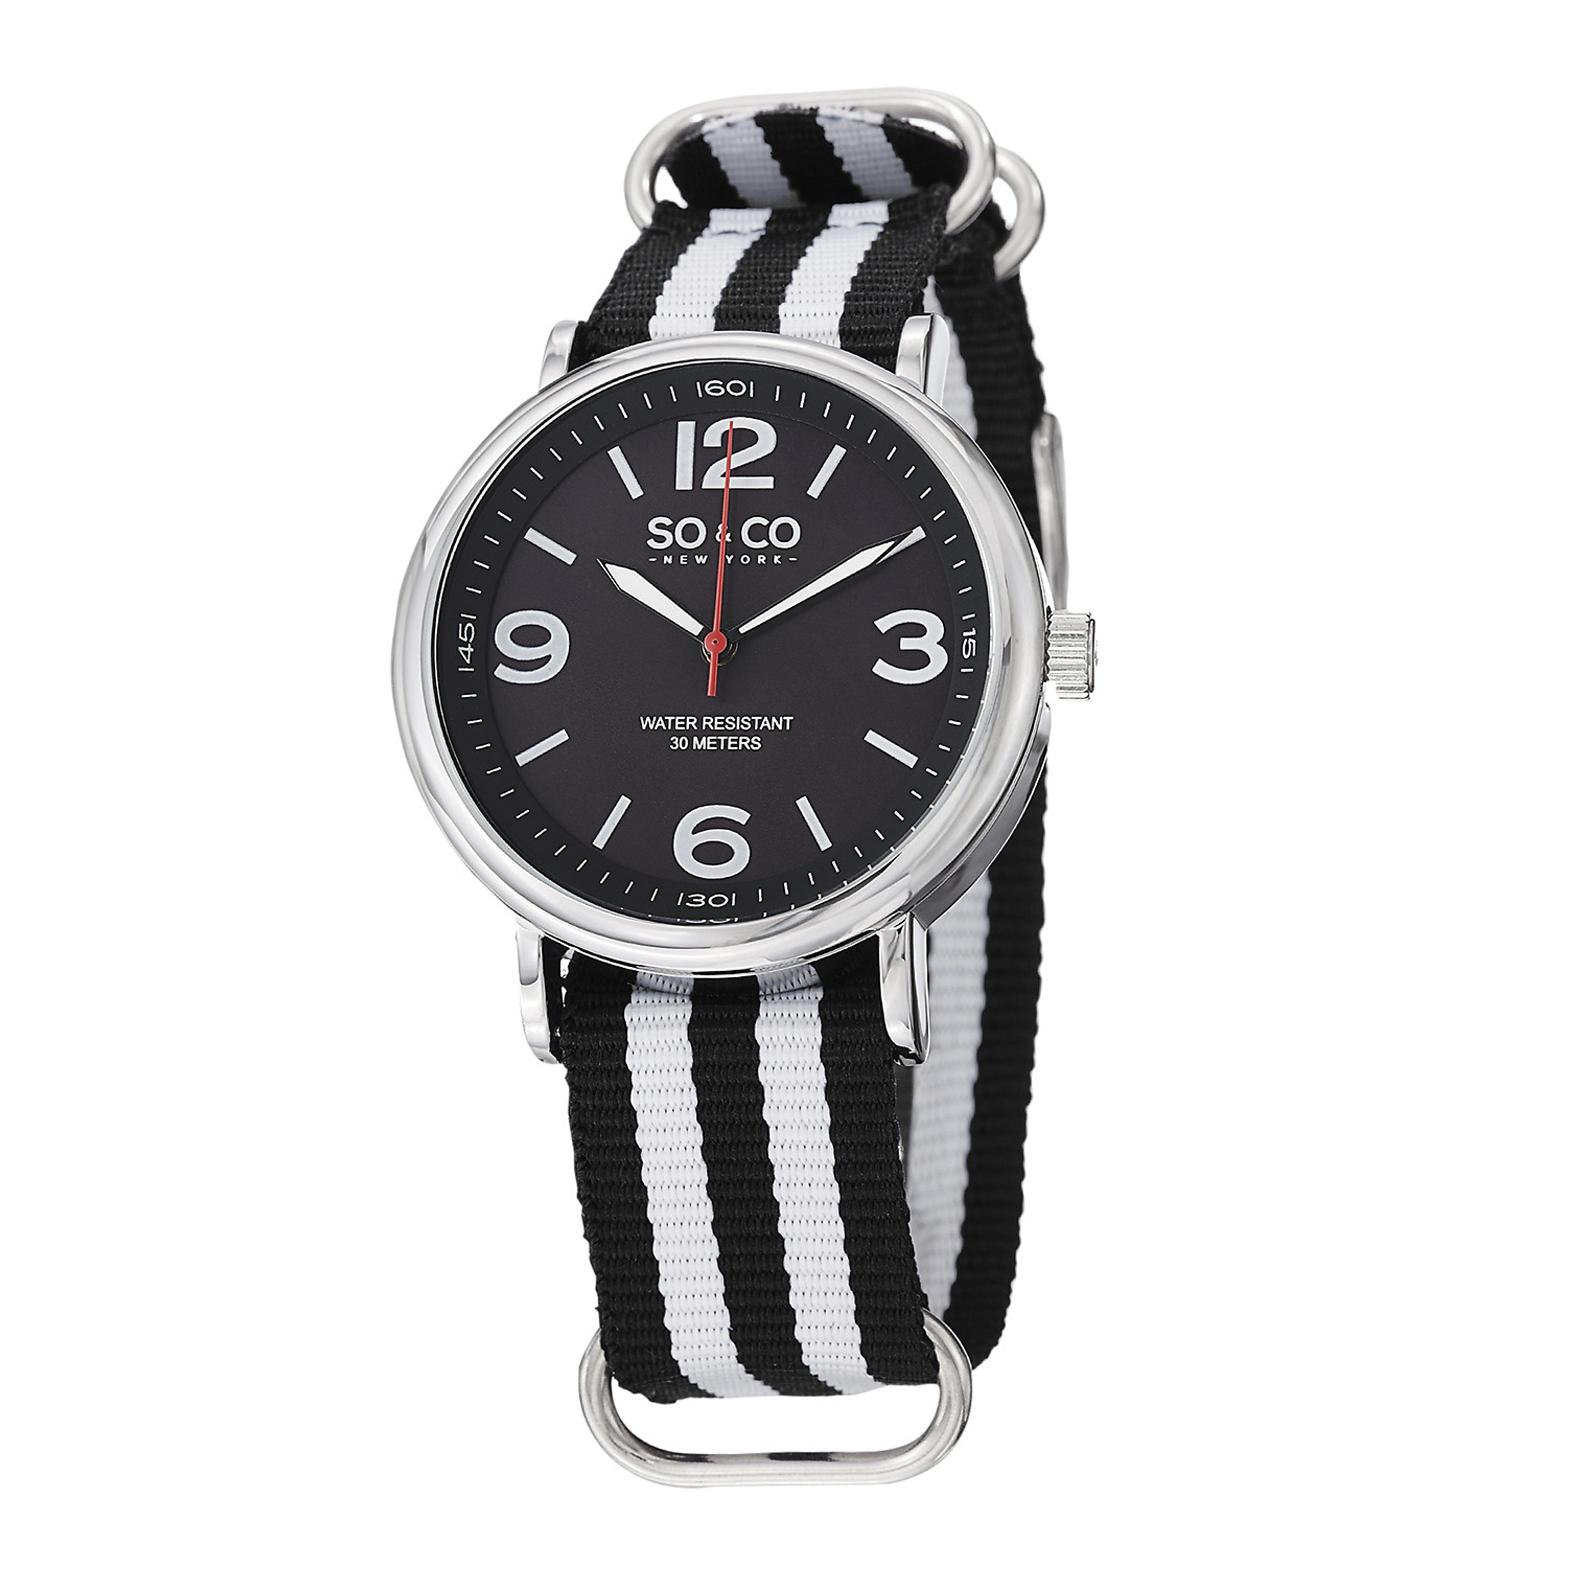 ساعت مچی عقربه ای سو اند کو مدل 5002.2